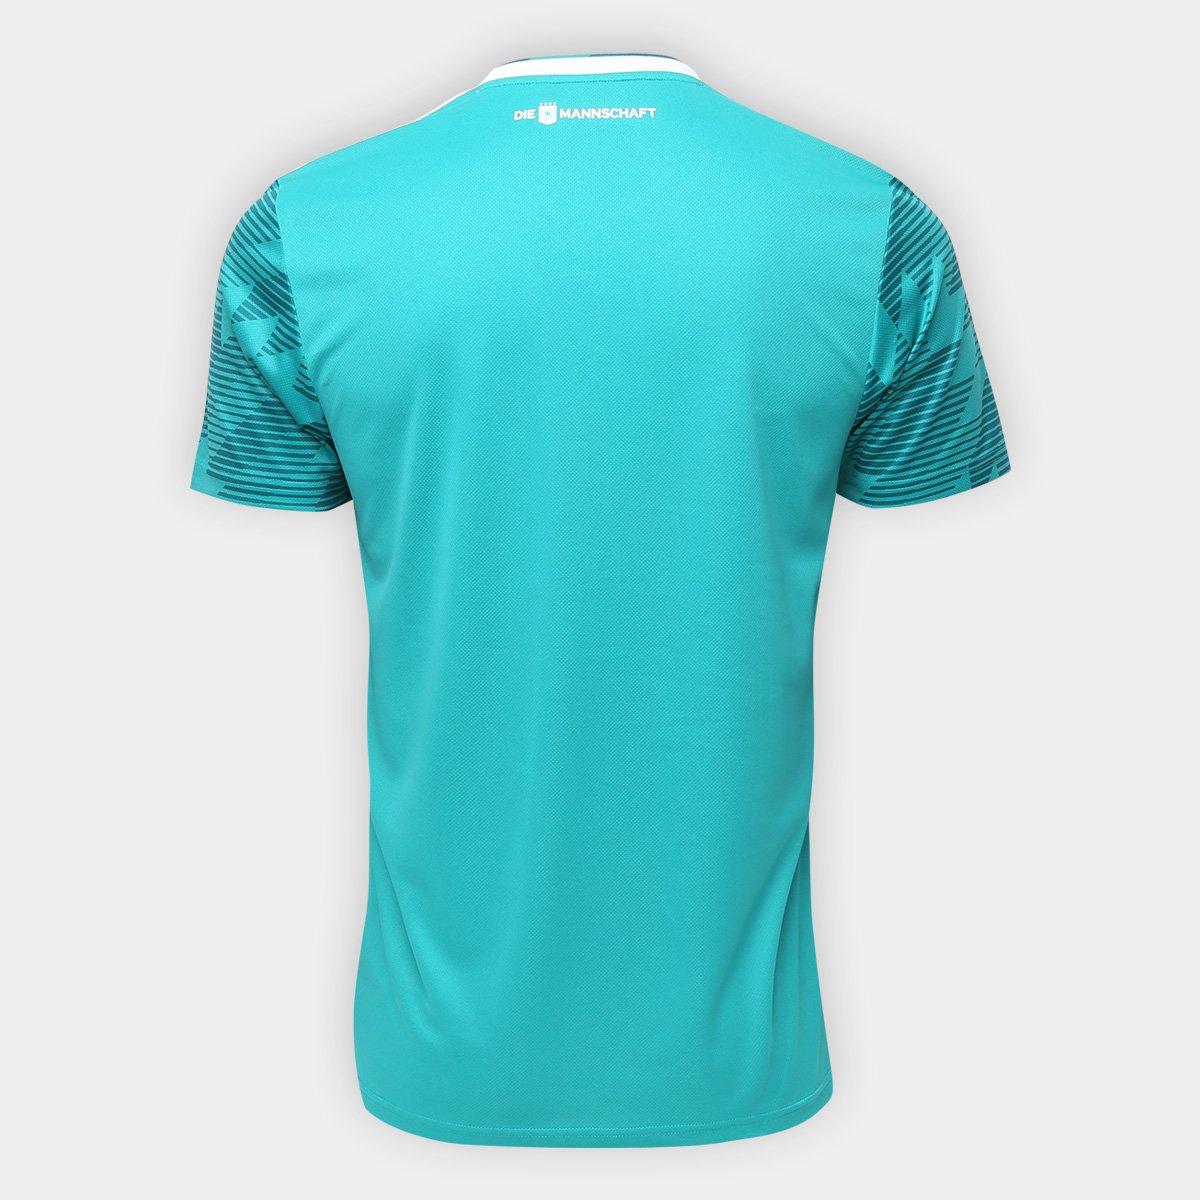 ... Camisa Seleção Alemanha Away 18 19 s n° Torcedor Adidas Masculina ... 8364de3b1b564